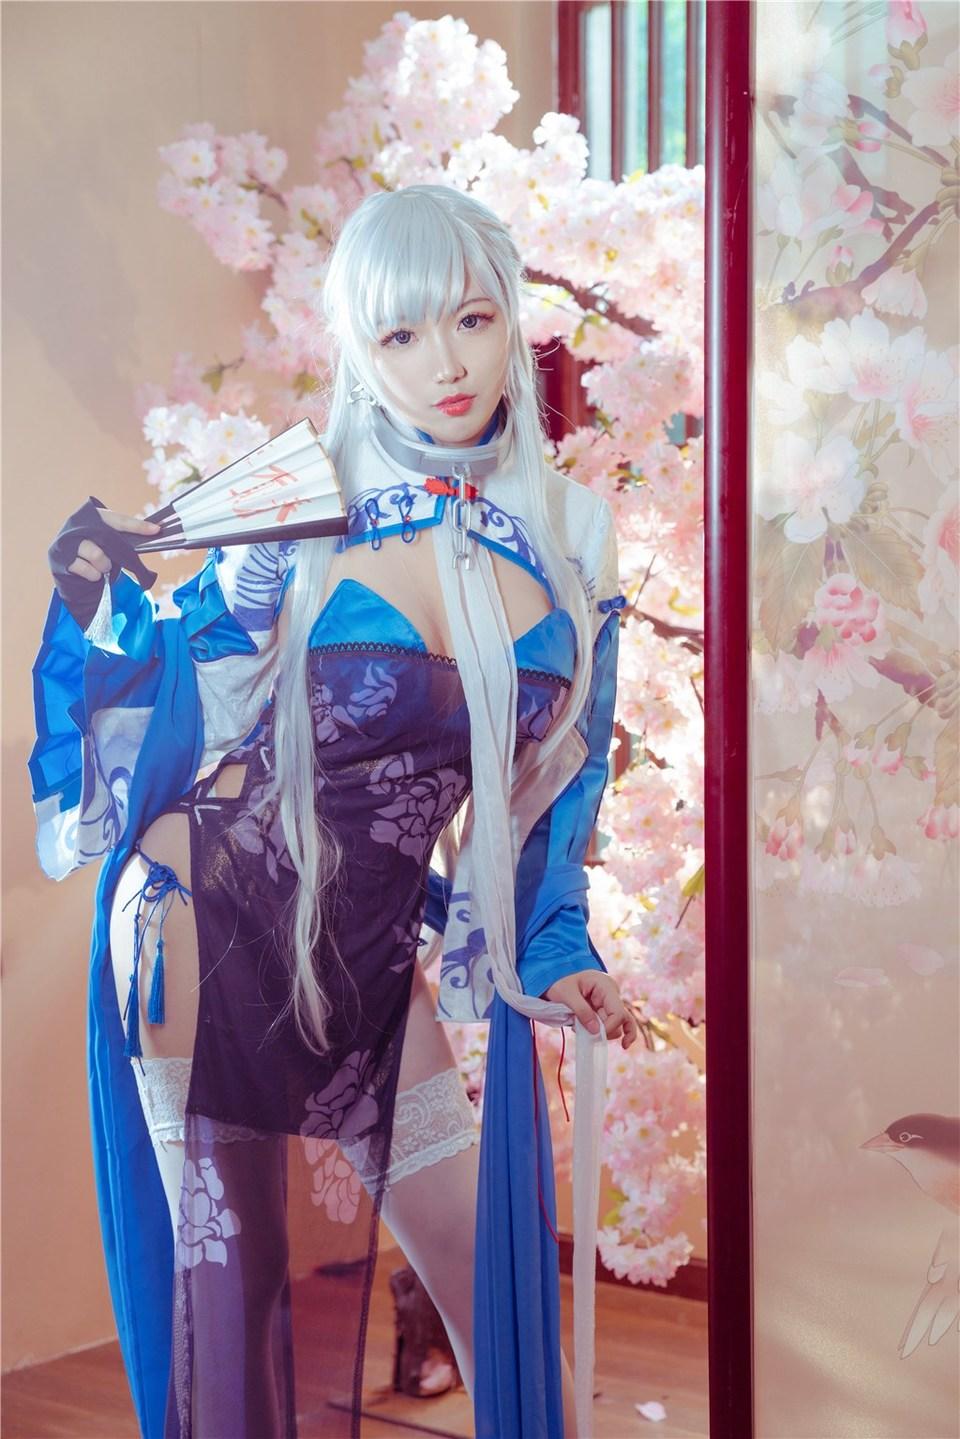 少女写真@旗袍和制服 [50P]